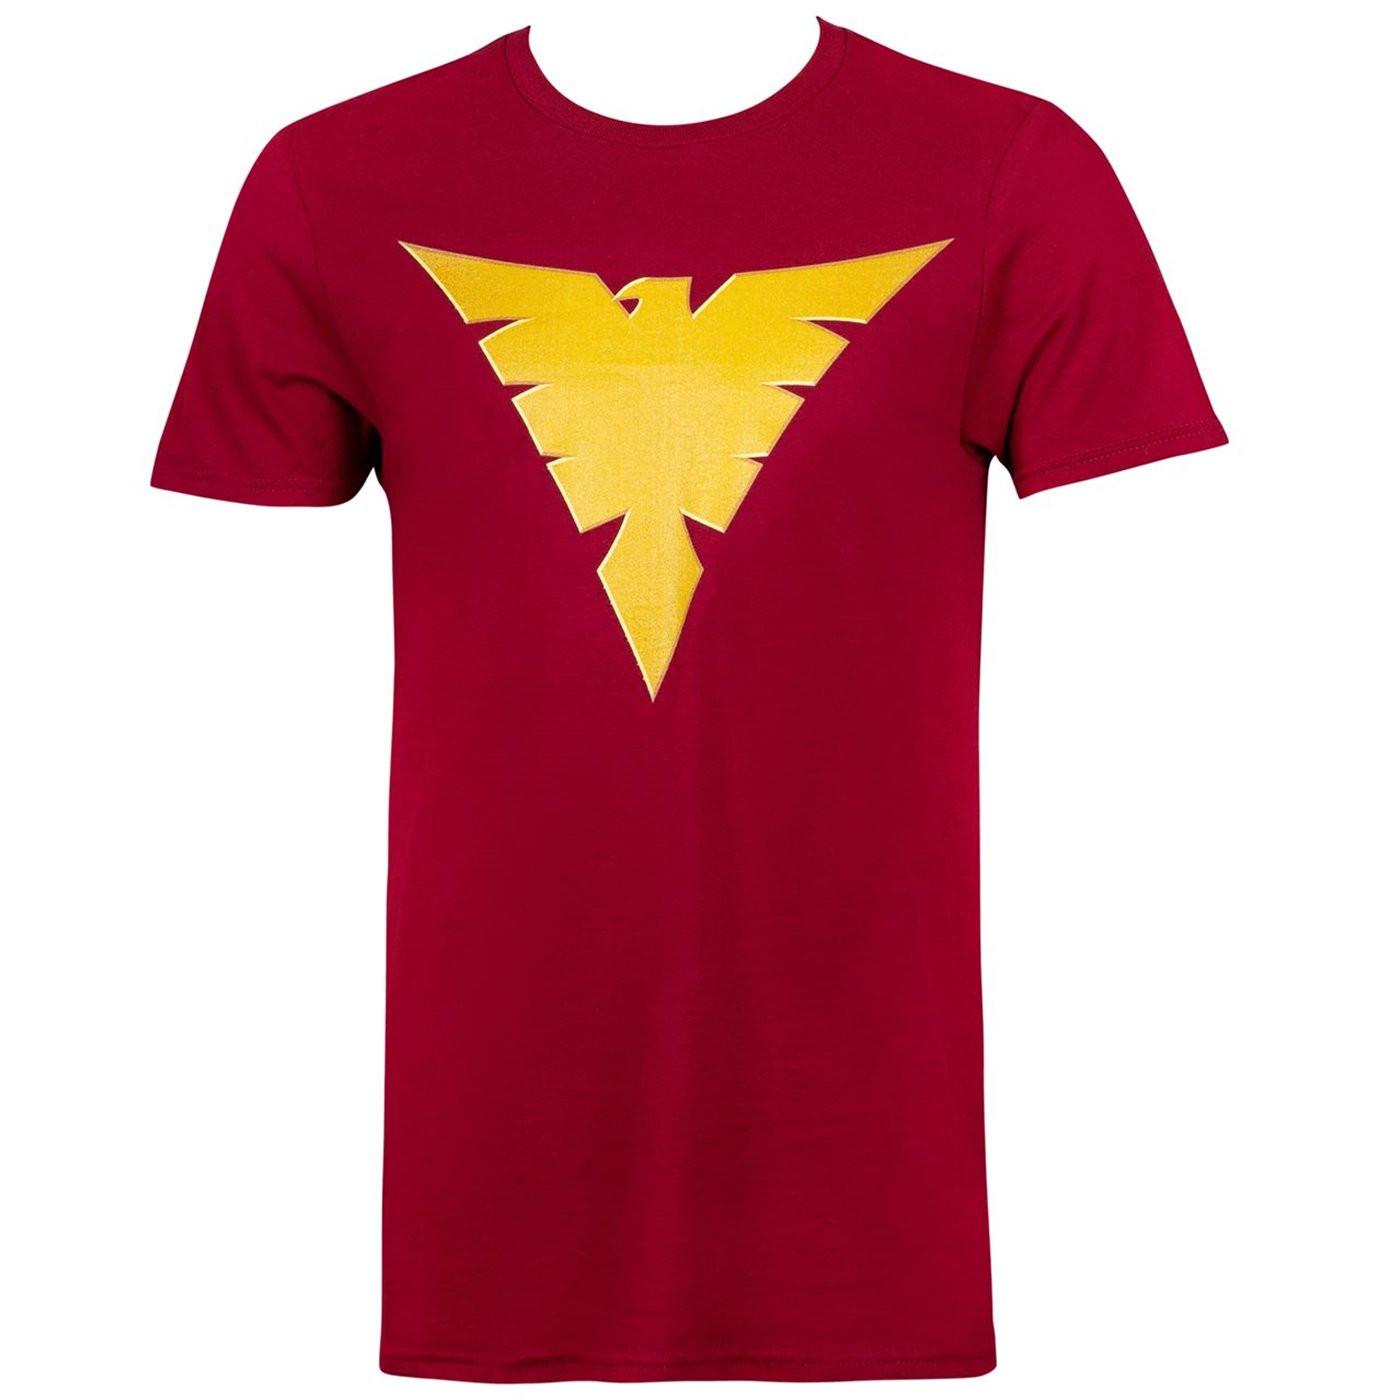 X-Men The Dark Phoenix Logo Men's T-Shirt